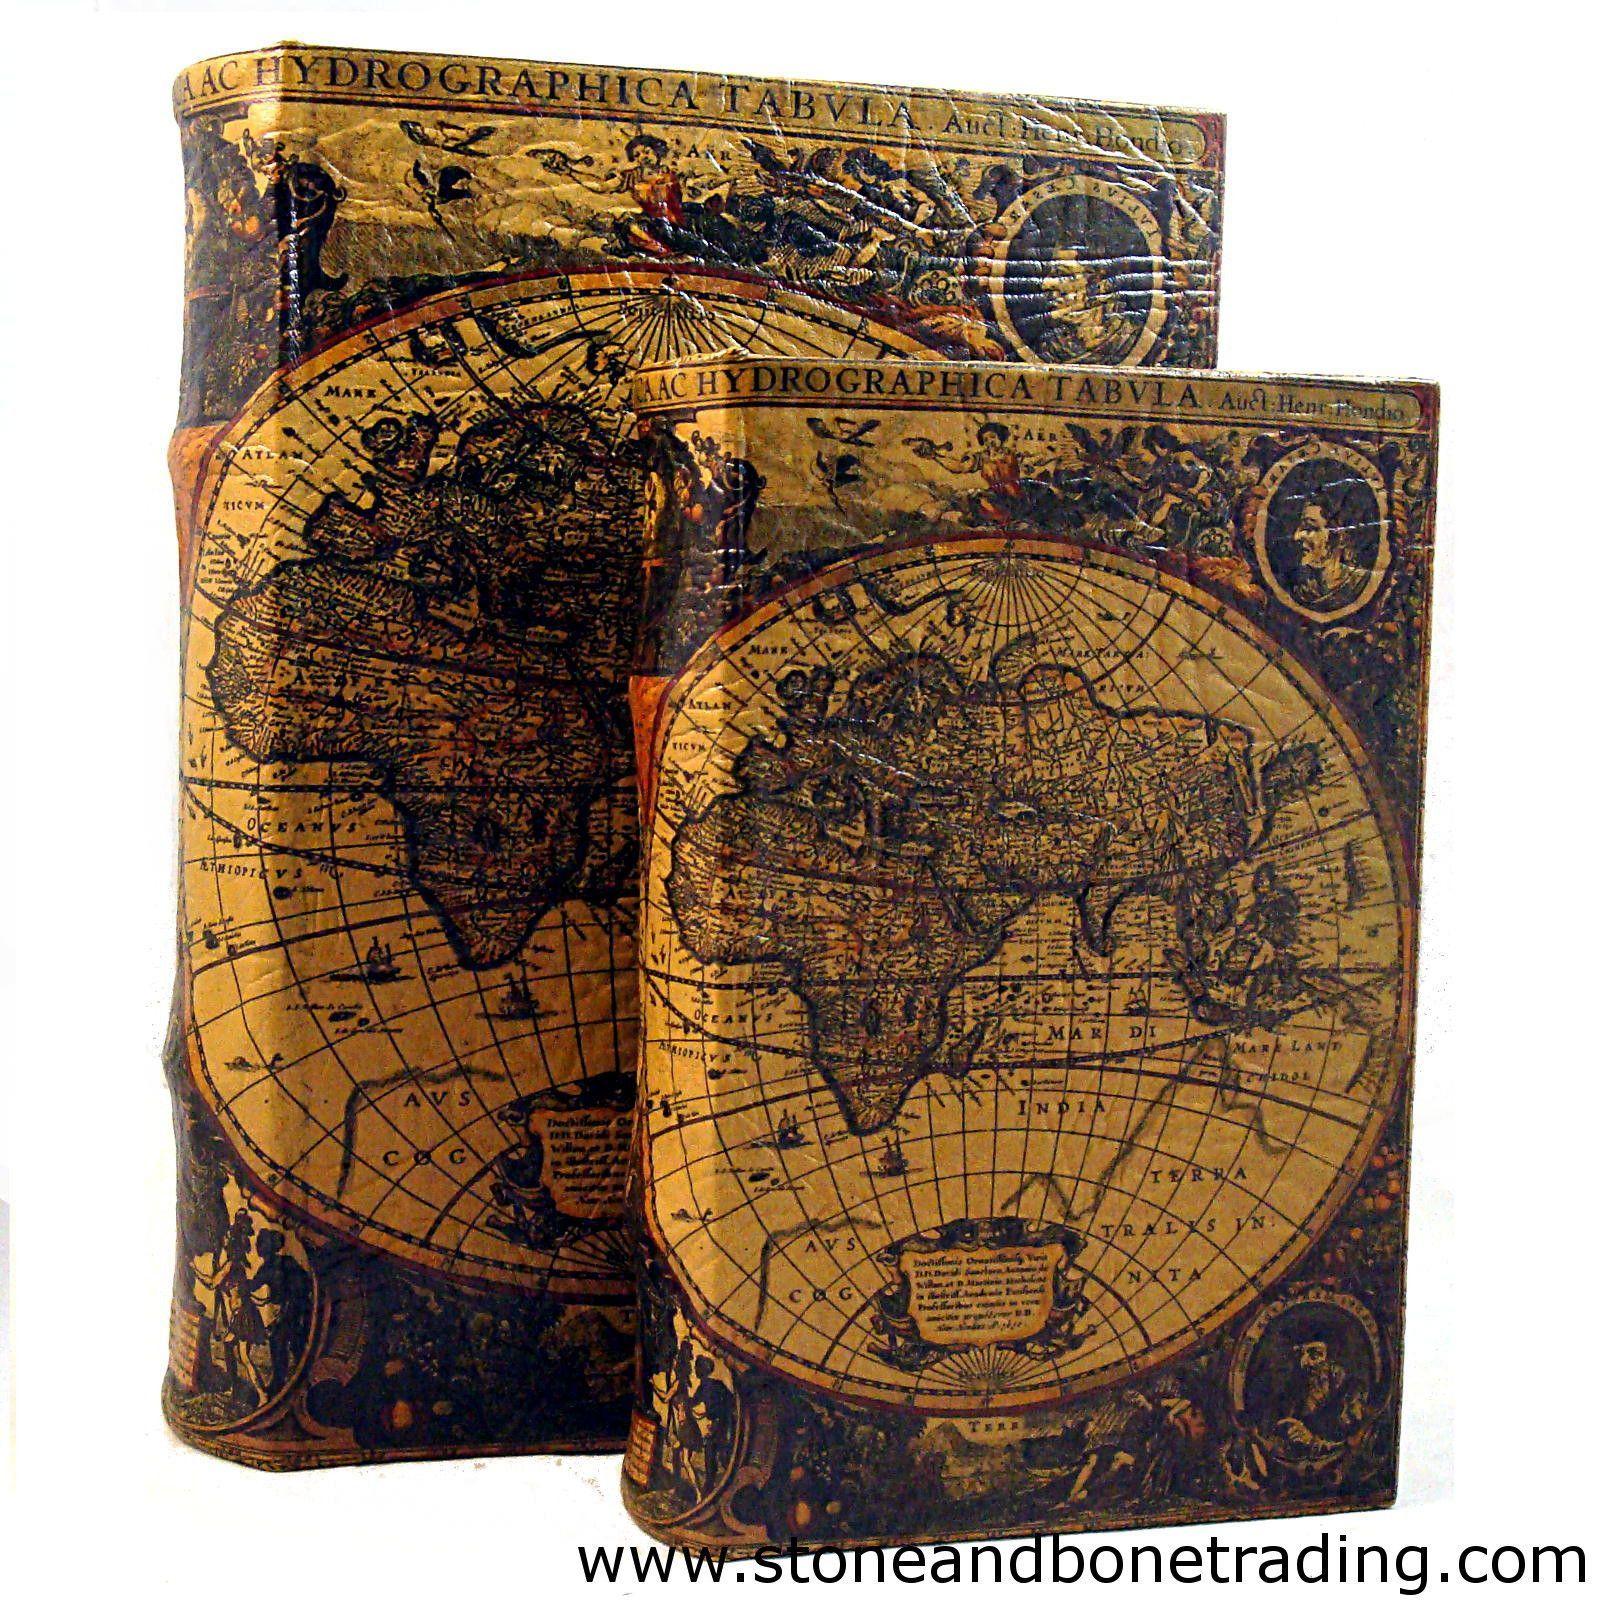 Buchtresor Buchsafe Buchattrappe Geheimversteck Geheimsafe Weltkarte Box 22cm